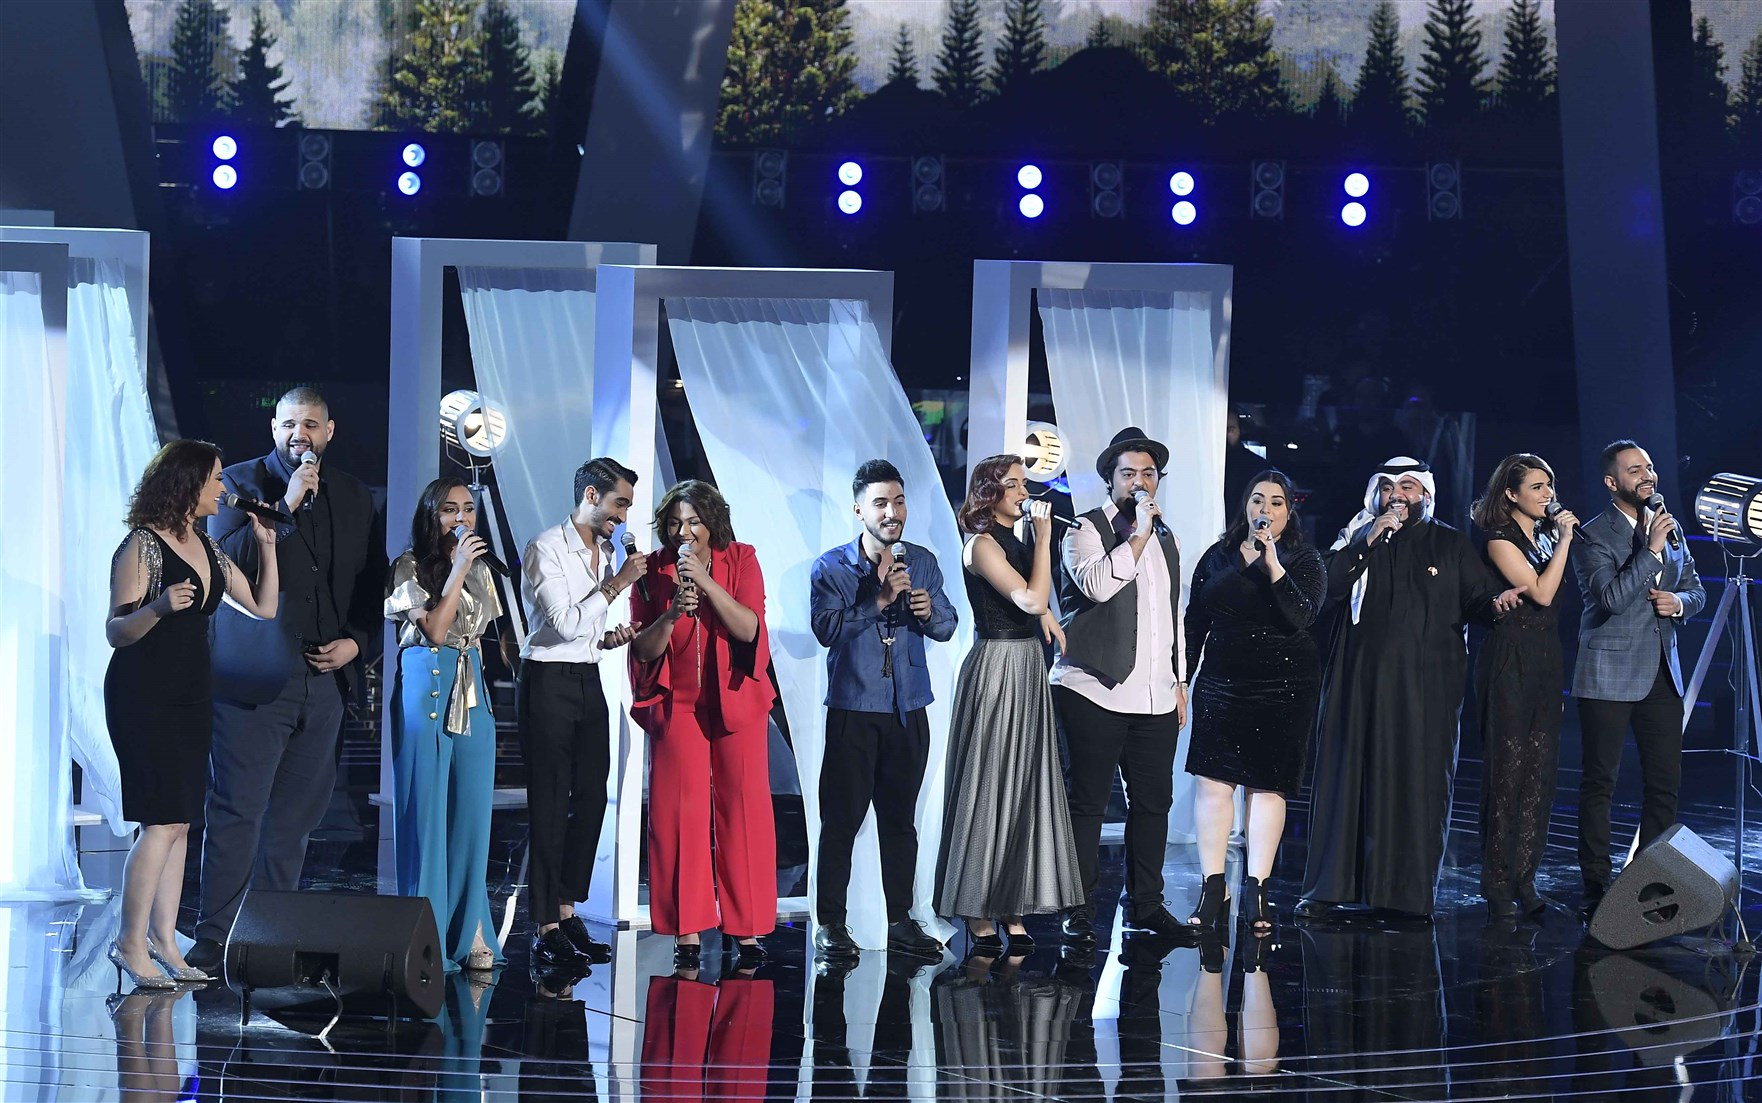 ذا فويس: 8 مشتركين لحلقة نصف النهائيات